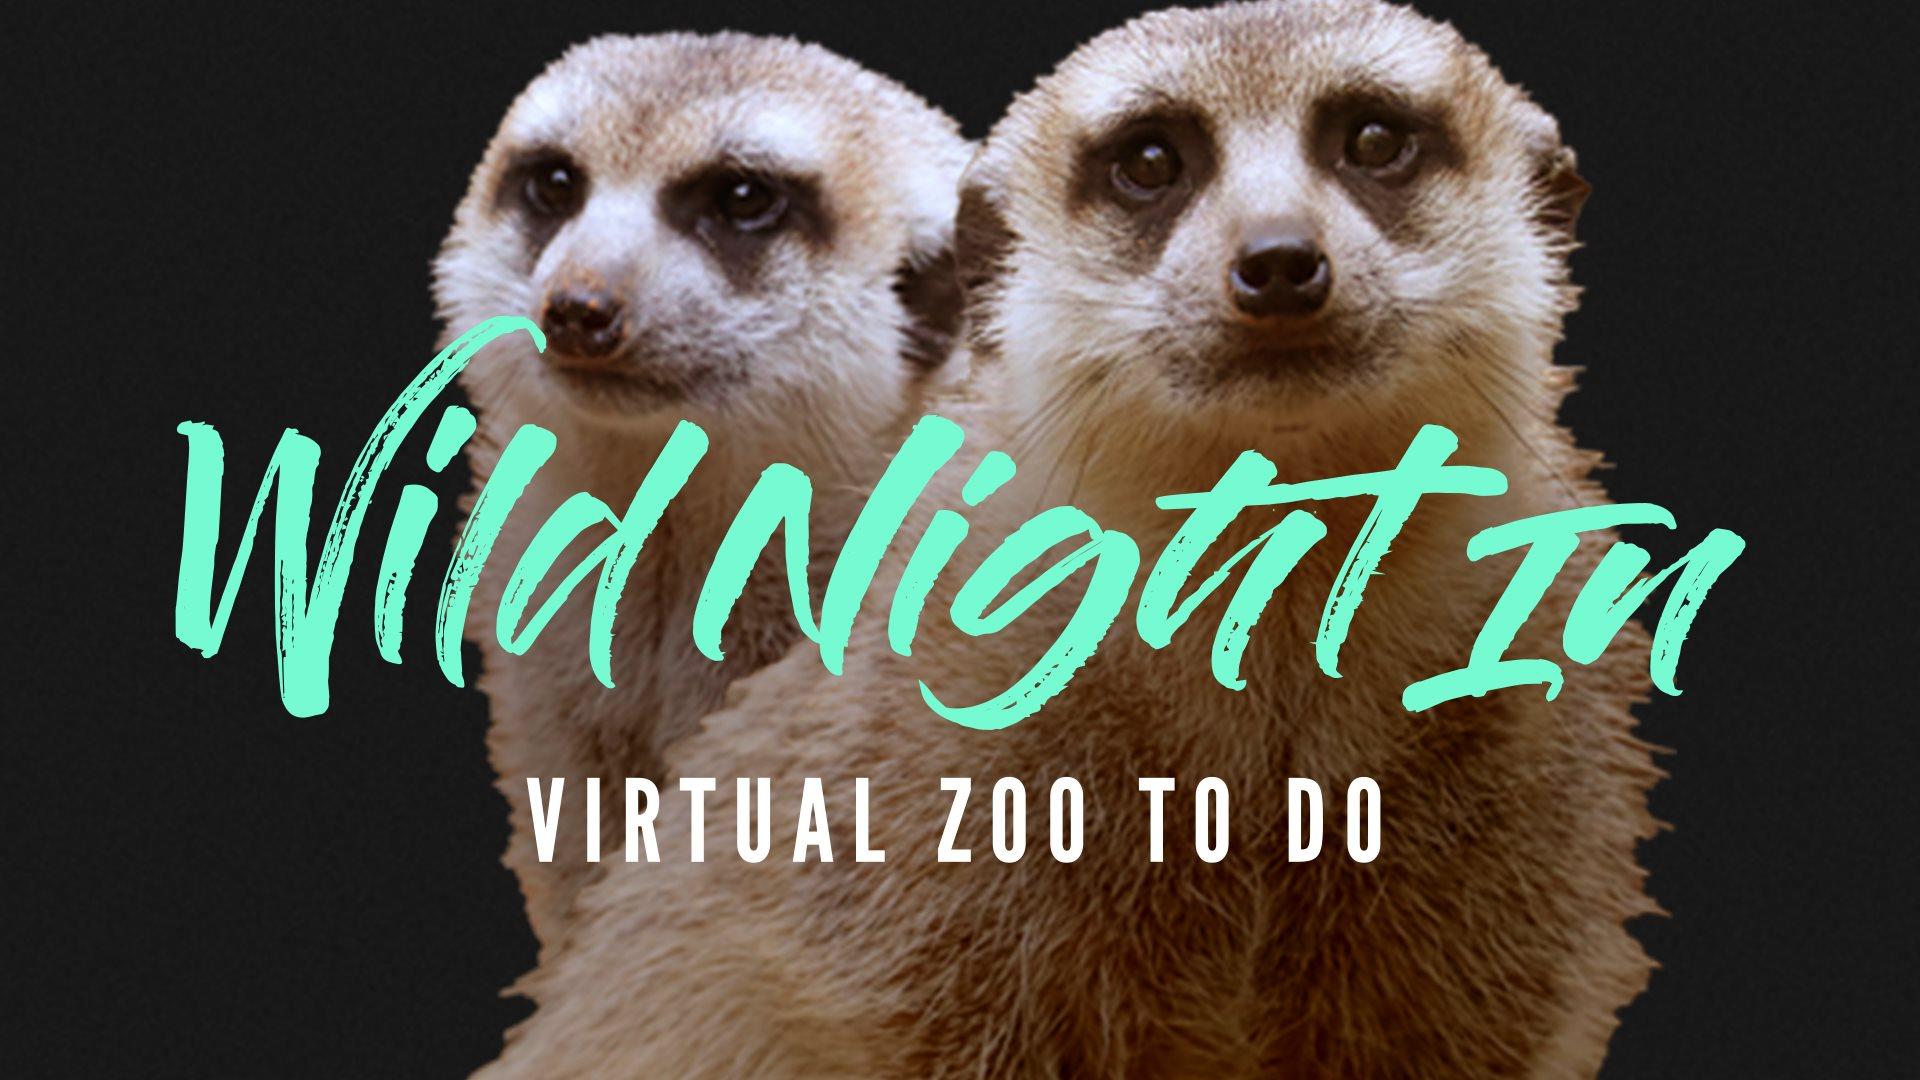 Dallas Zoo Wild Night In, Virtual Zoo To Do